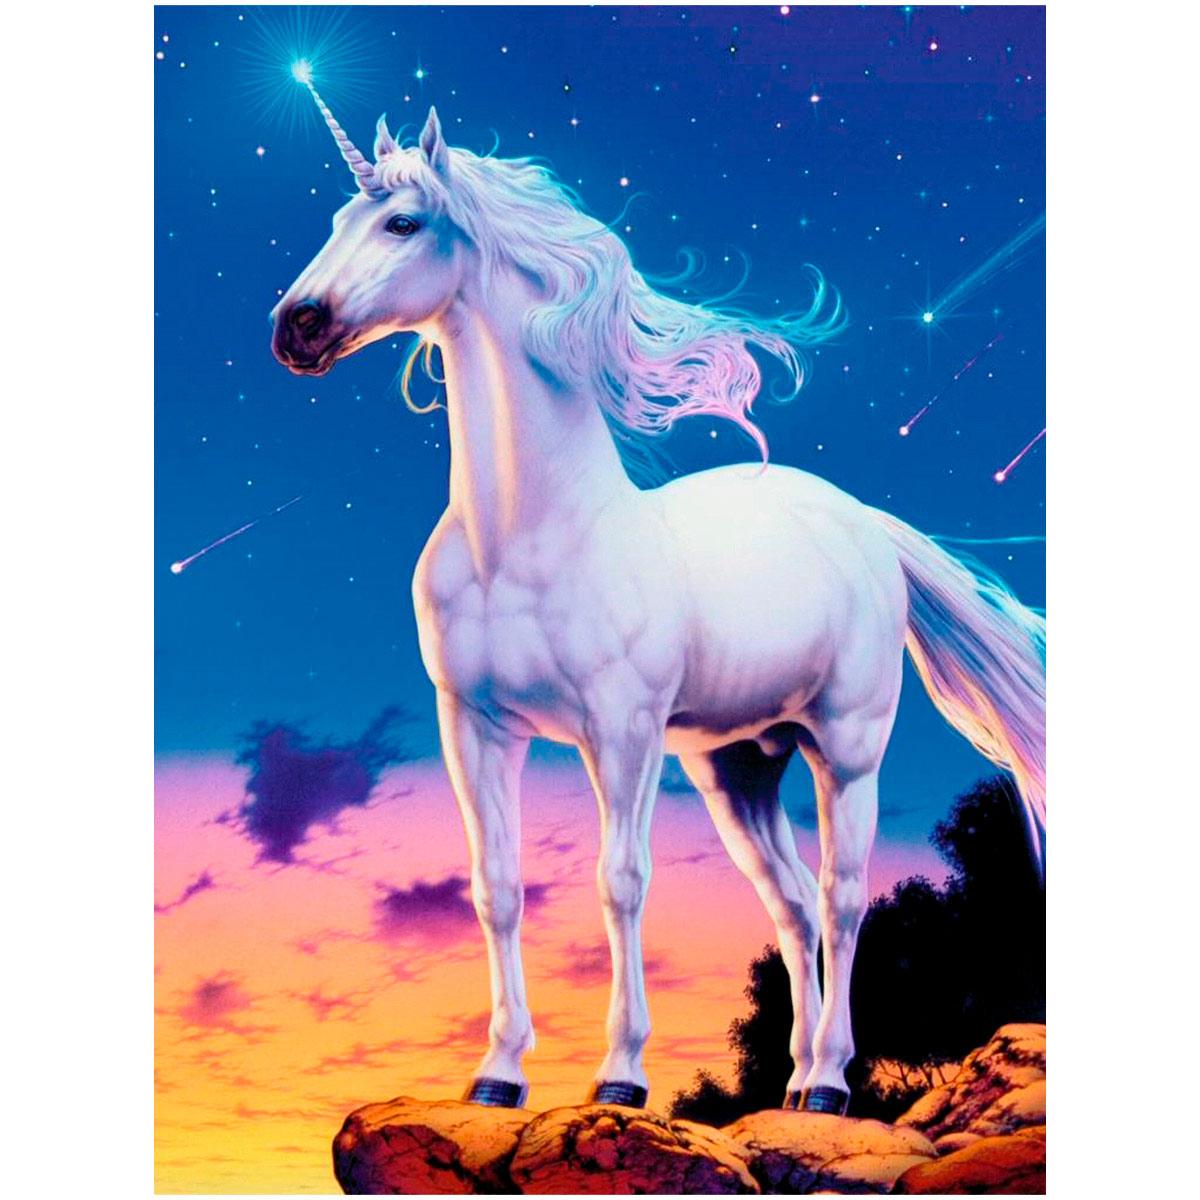 Ag 129 Набор д/изготовления картин со стразами 'Звездный единорог' 38*48см Гранни